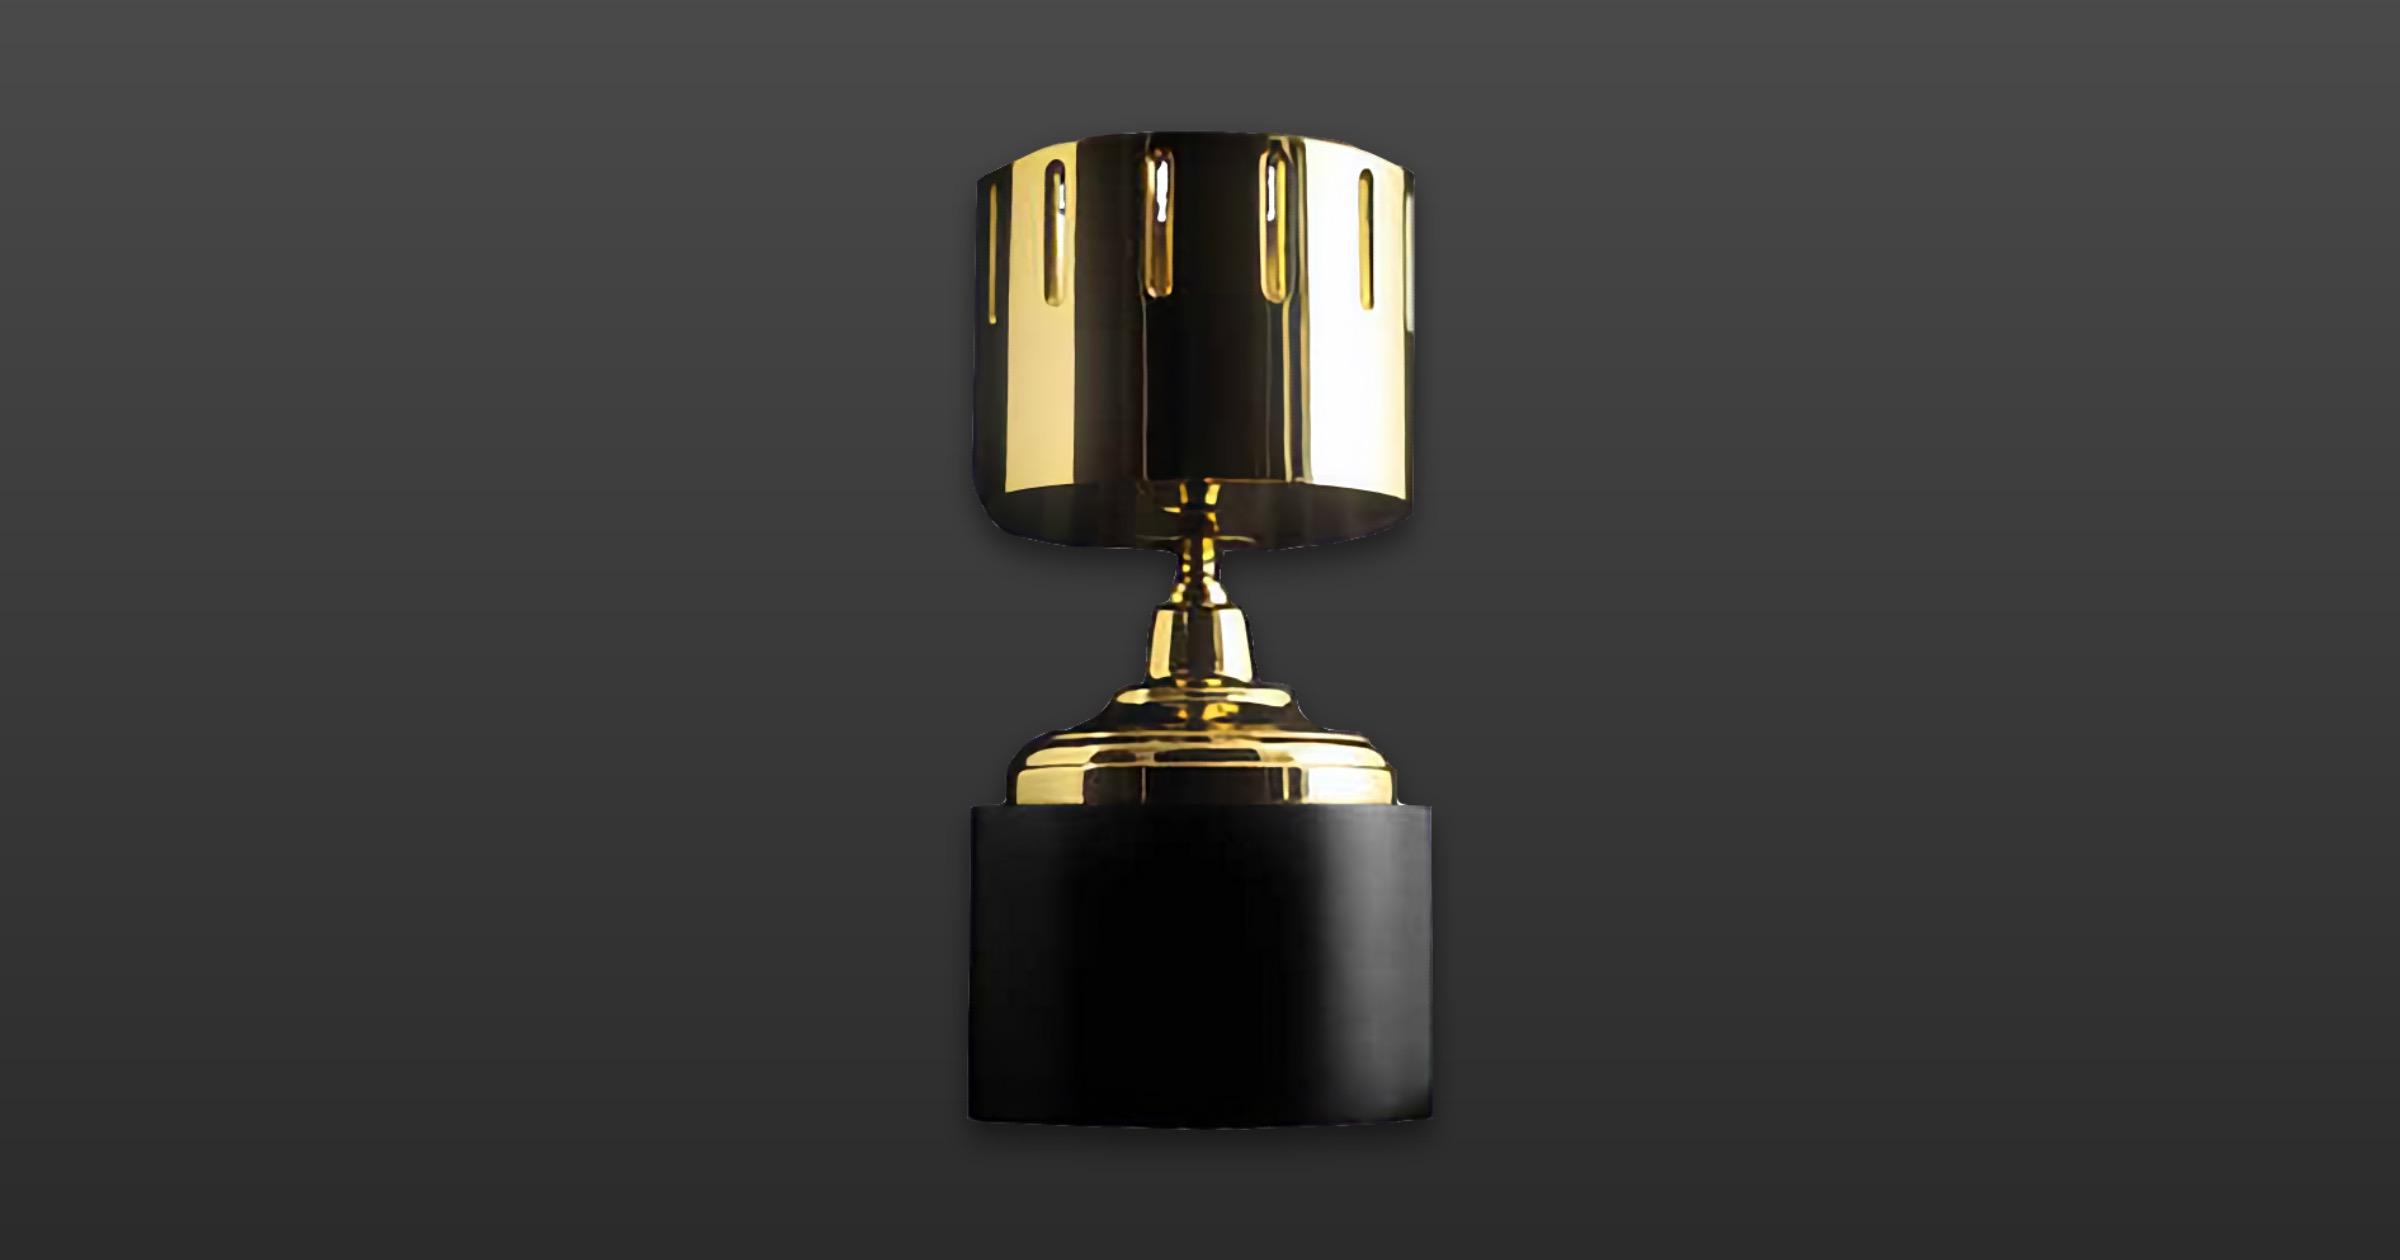 Annie award trophy